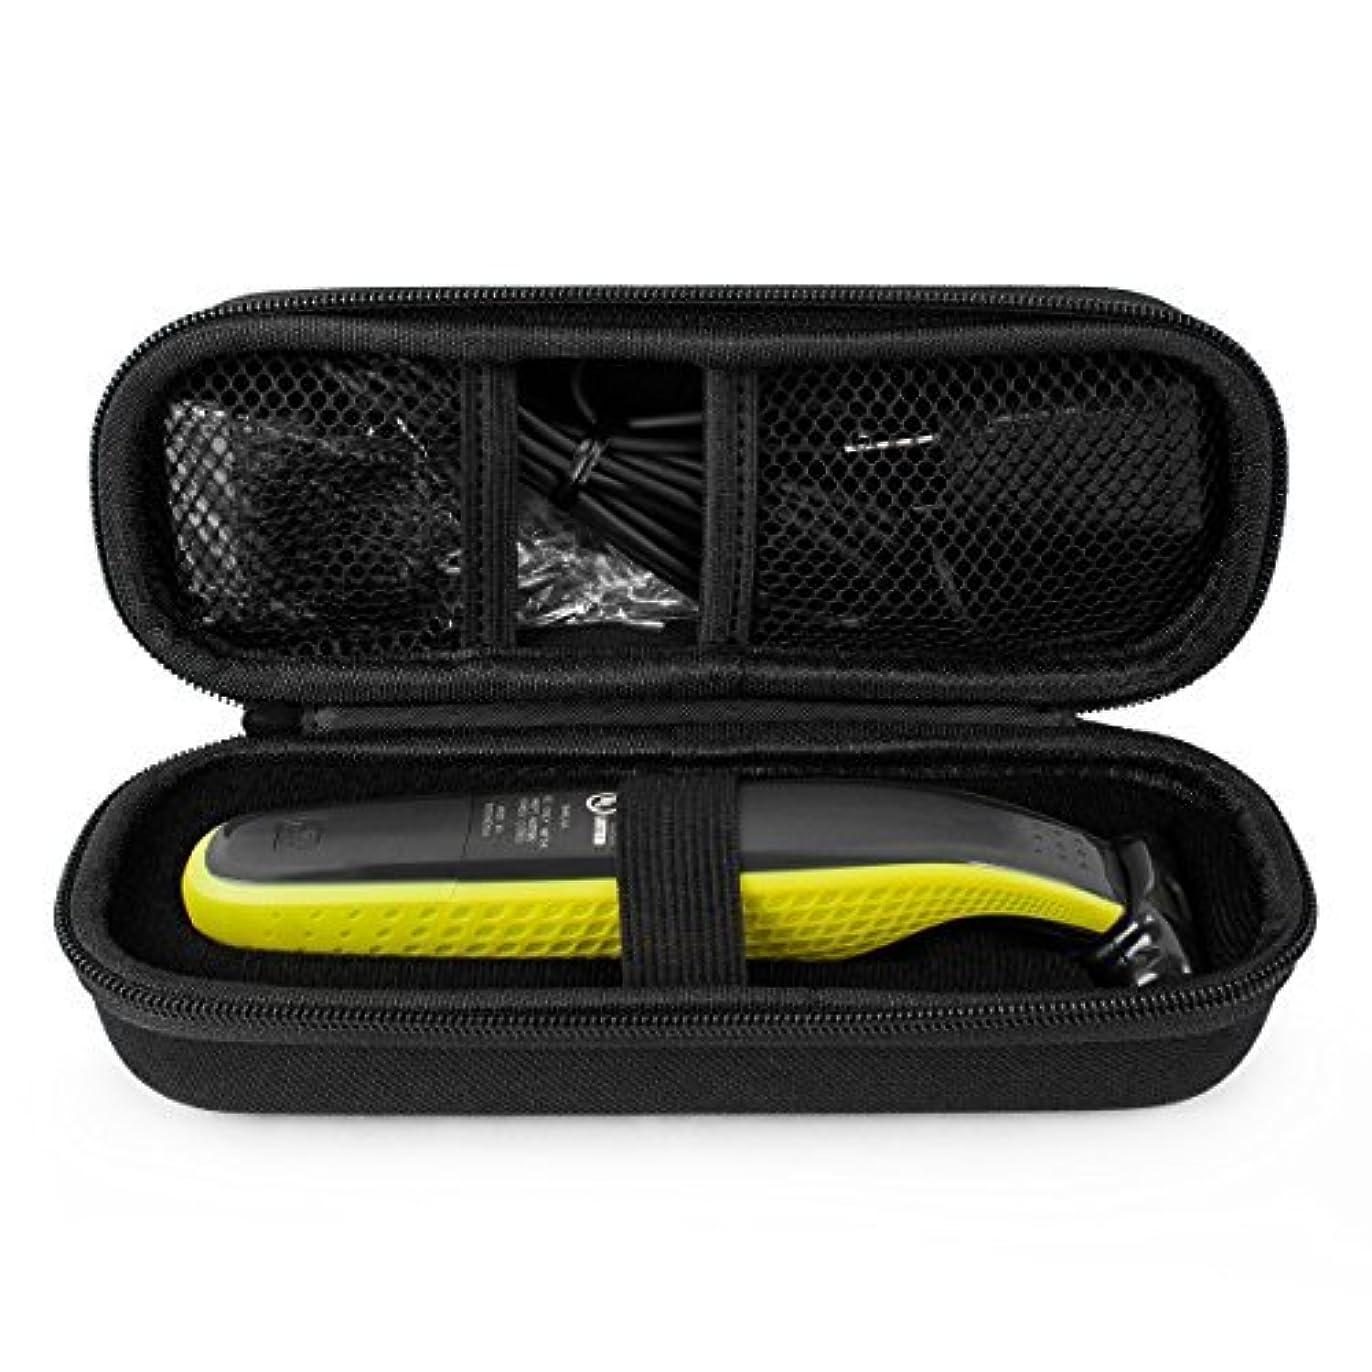 白内障フロント一口Norelco OneBladeハイブリッド電気トリマーシェーバー用QSHAVEハードトラベルケース、QP2520 QP2570旅行用収納オーガナイザーケースバッグ